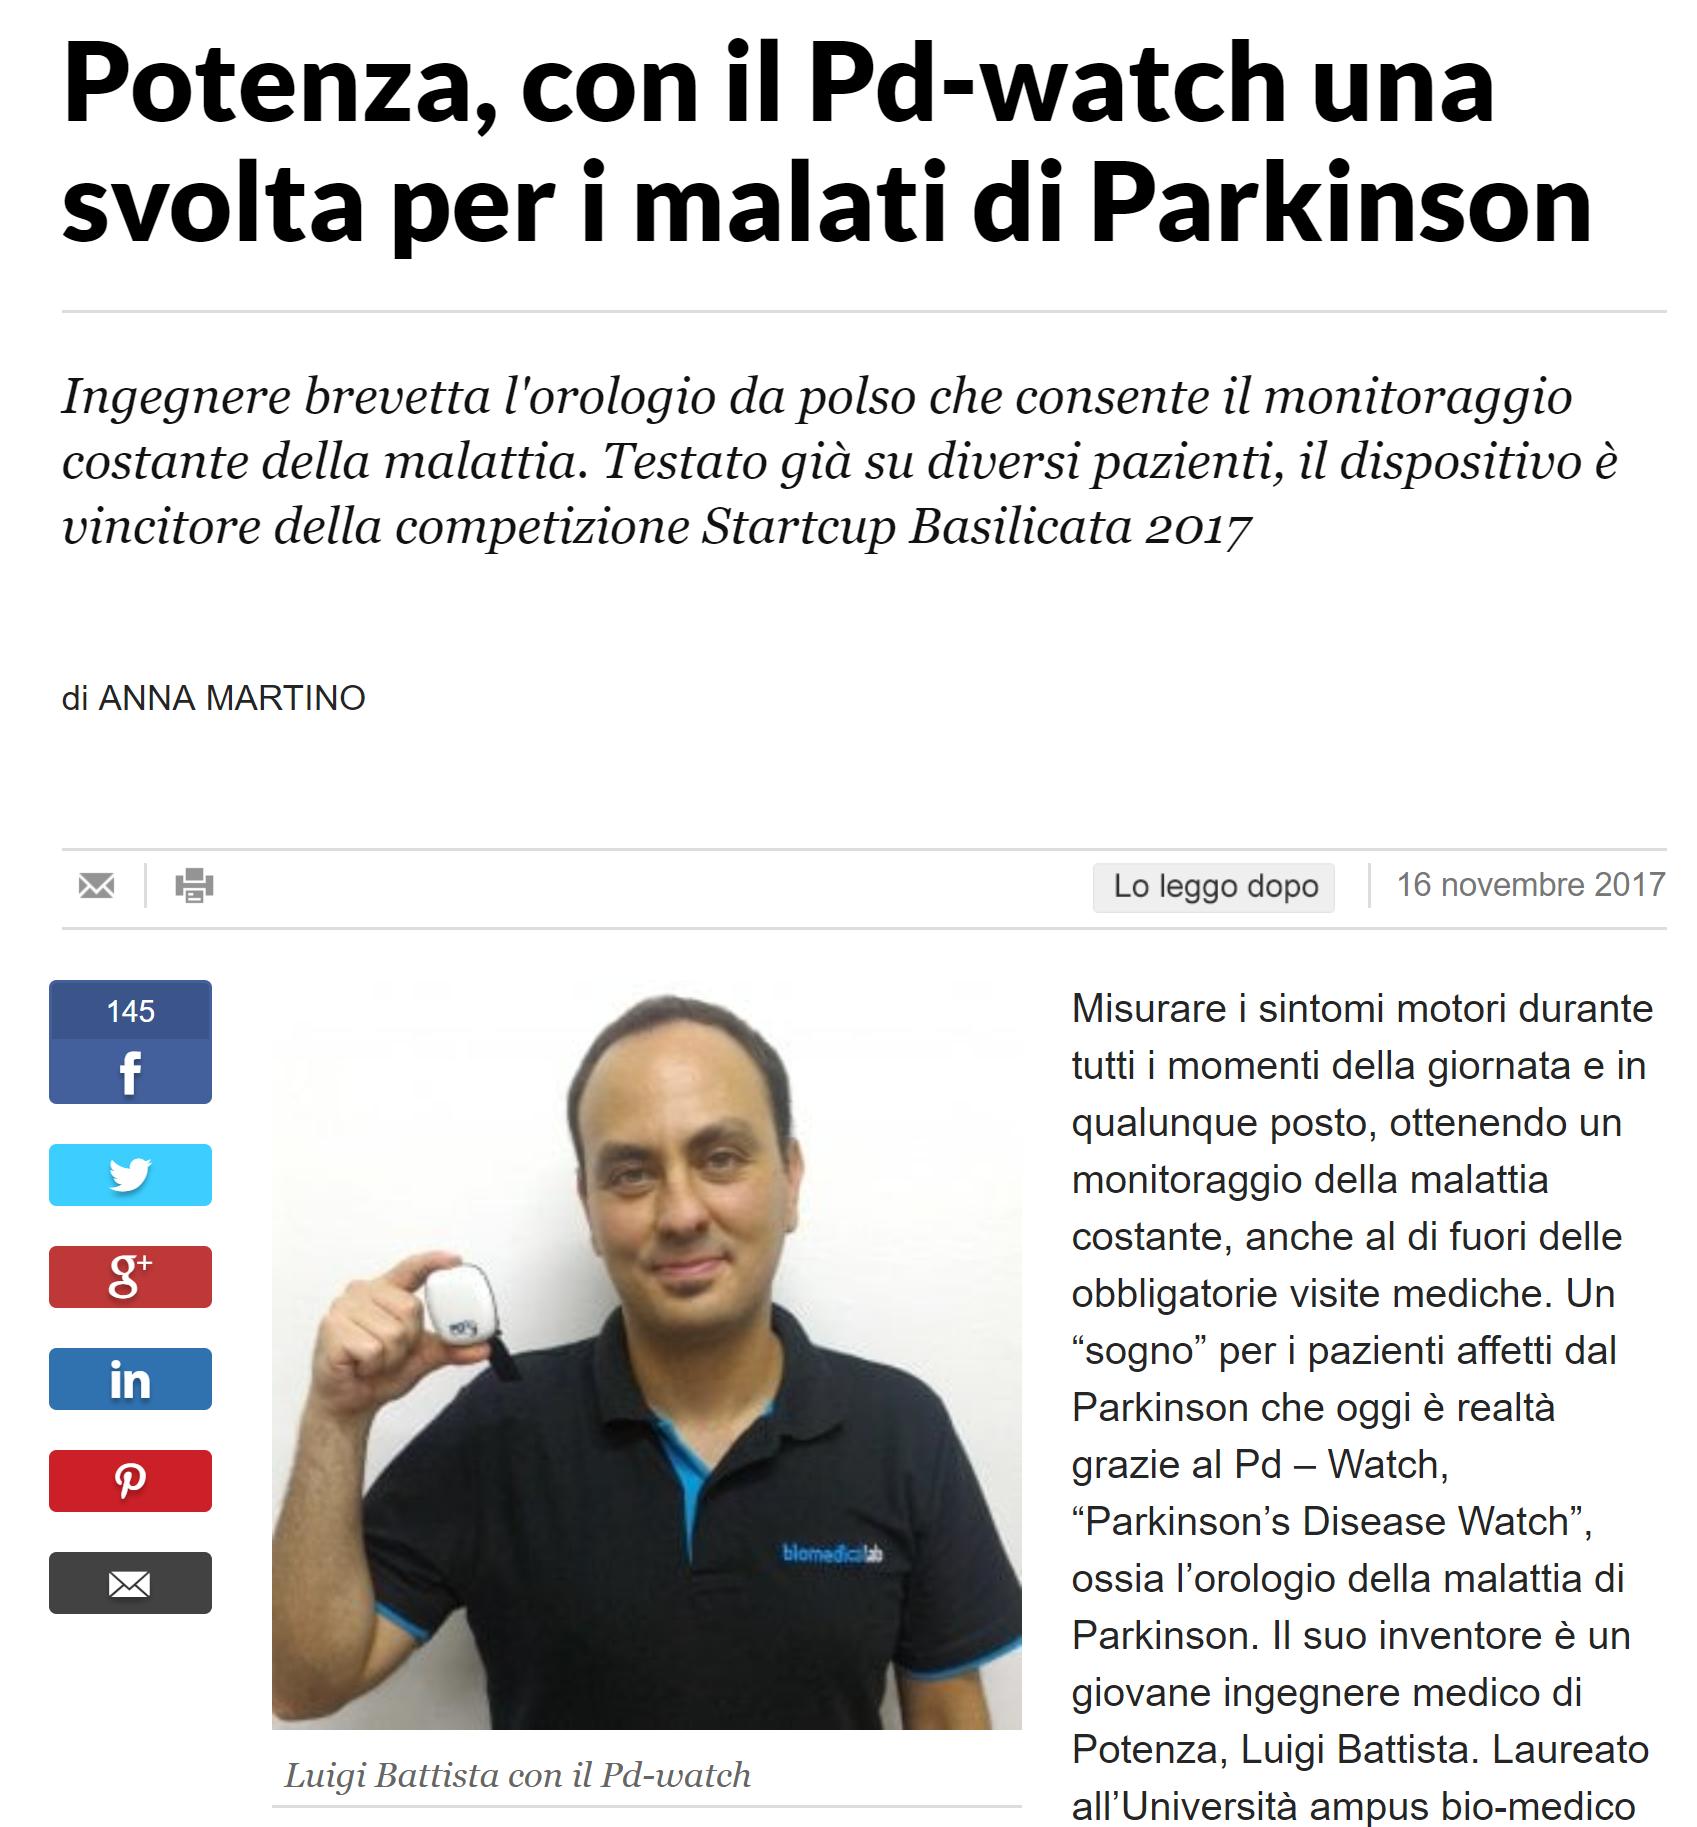 La Repubblica: con il PD-Watch una svolta per i malati di Parkinson